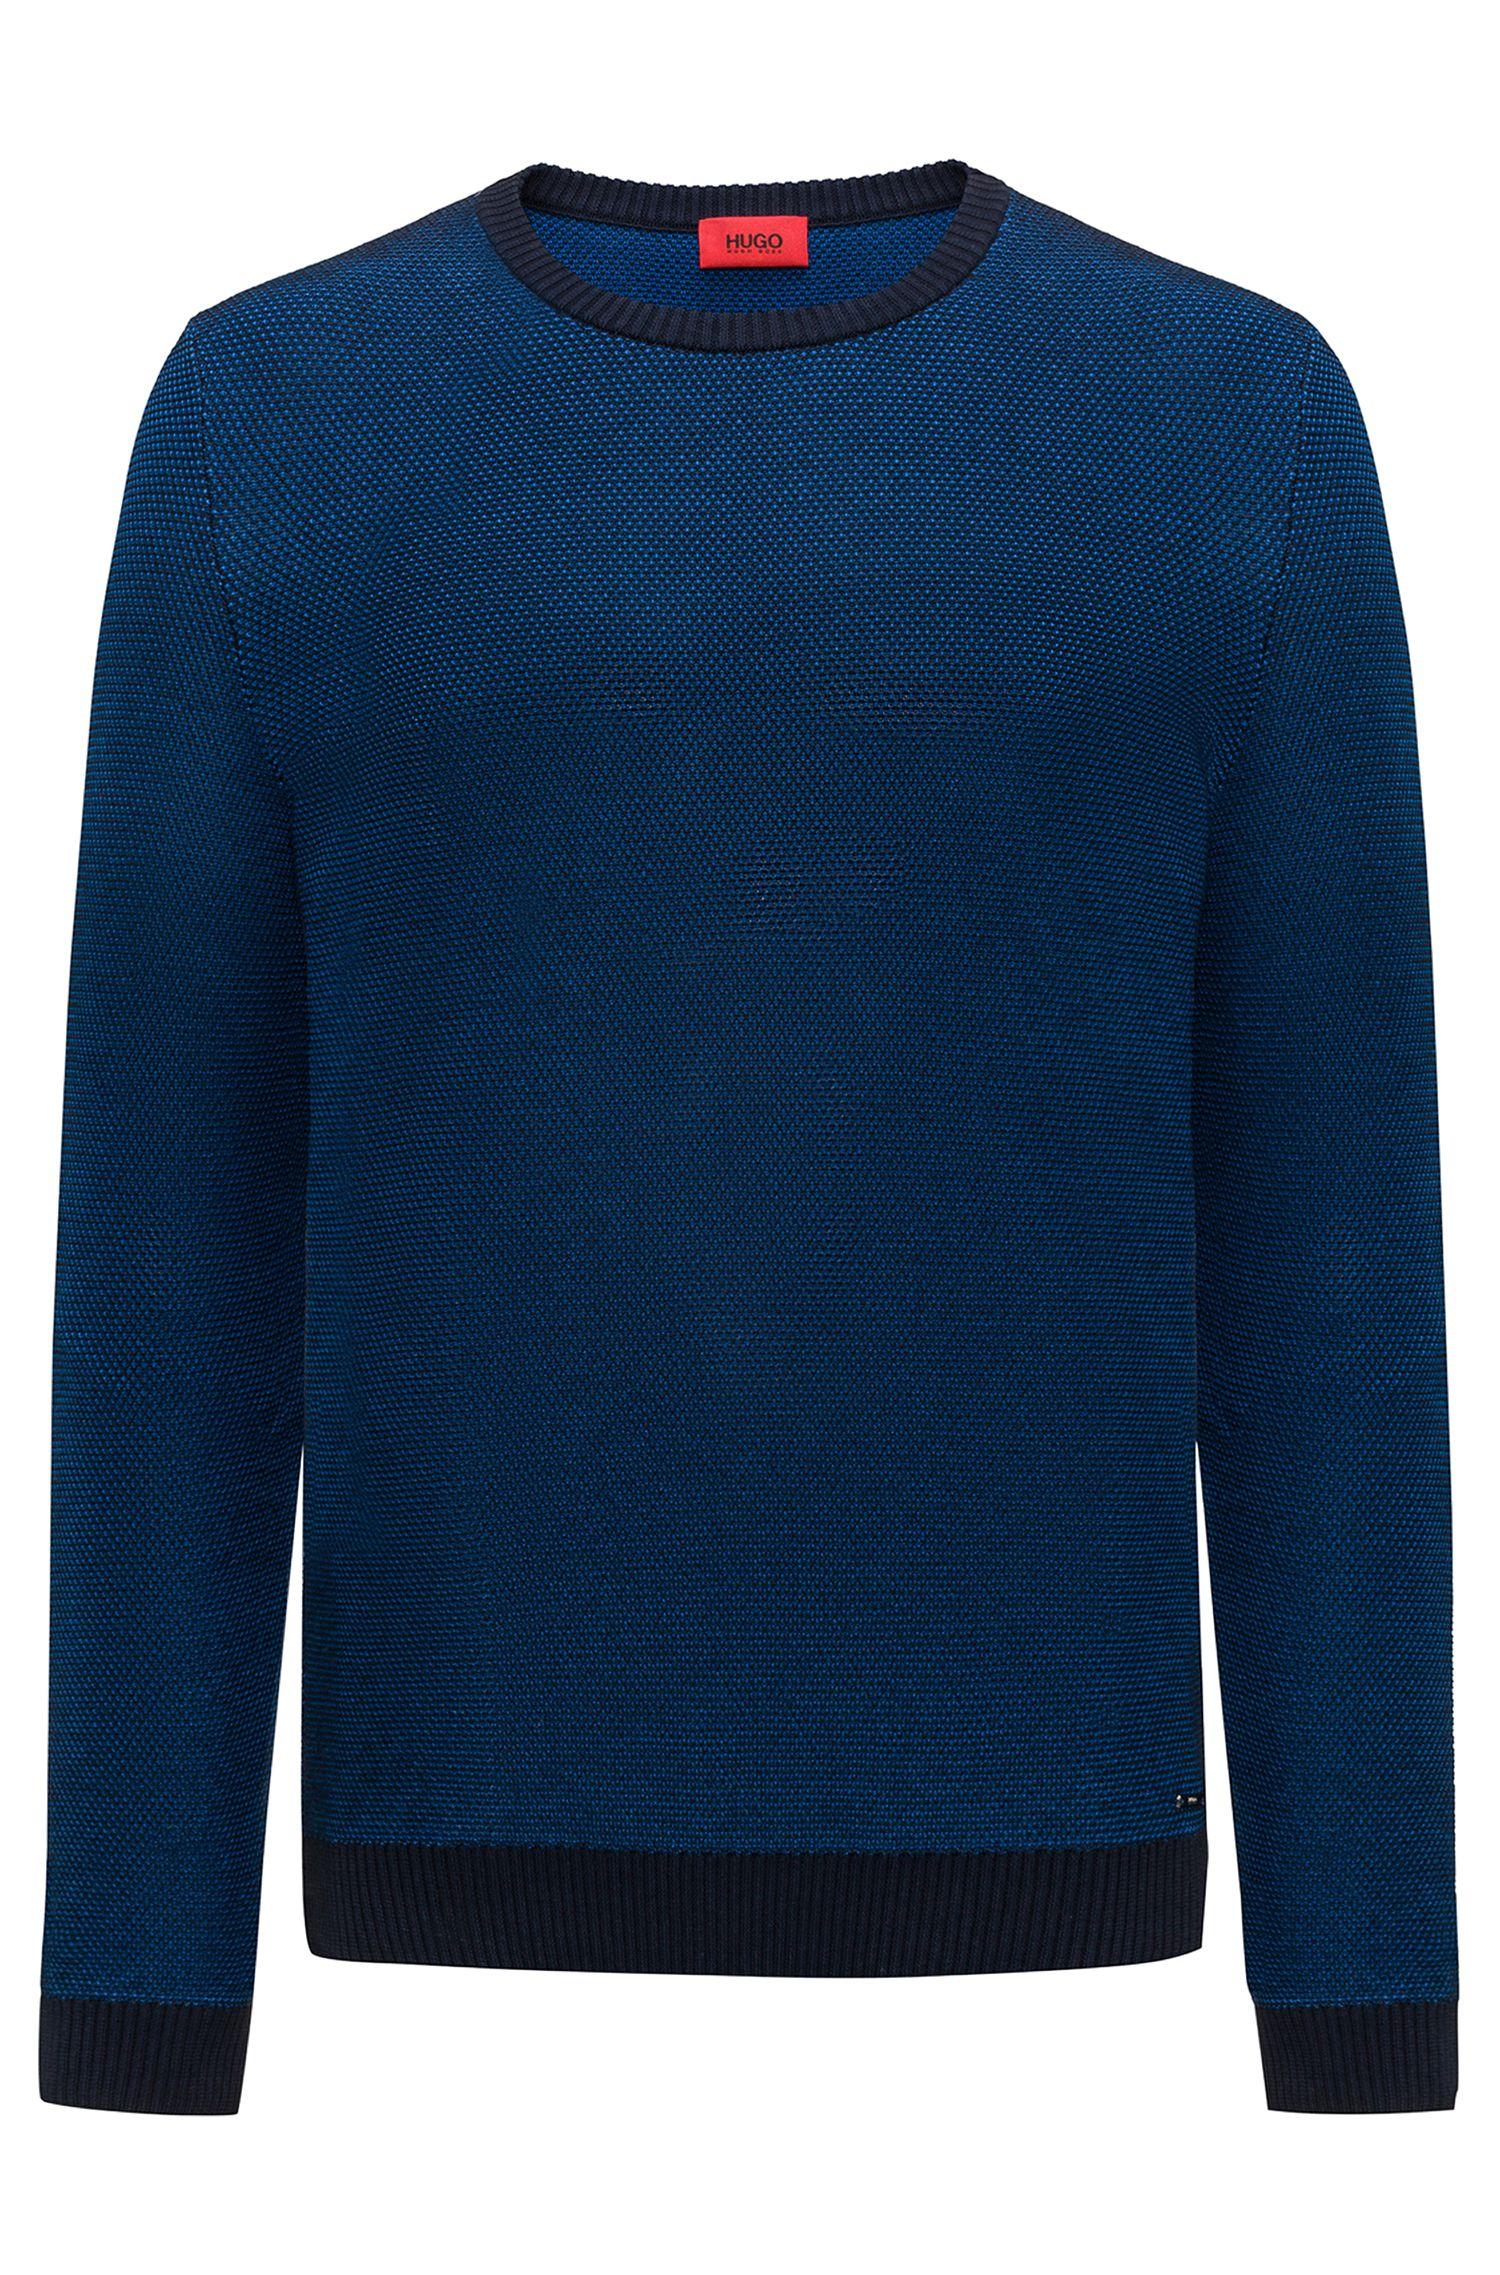 Jersey de cuello redondo en piqué de algodón de punto